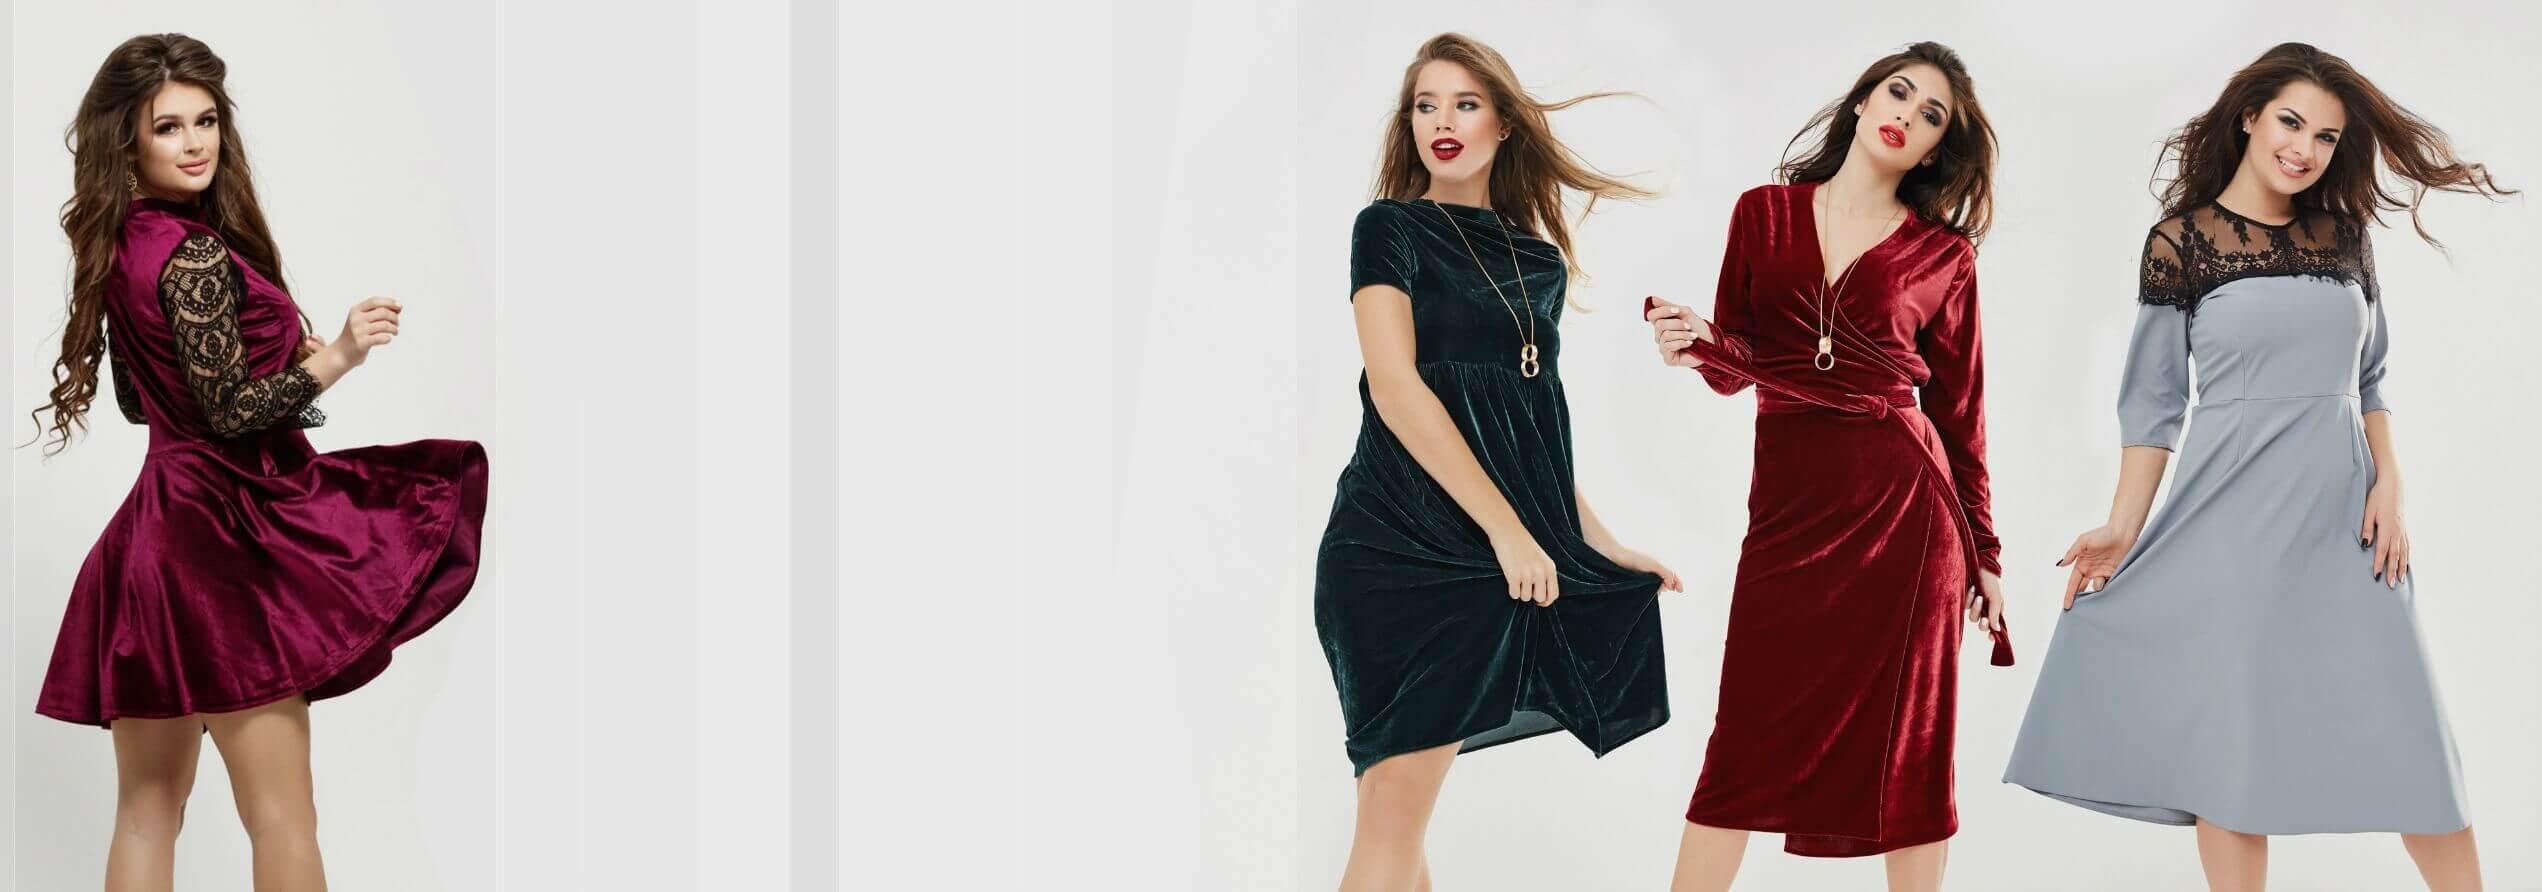 Купить заказать в интернет магазине сексуальную одежду на любой вкус